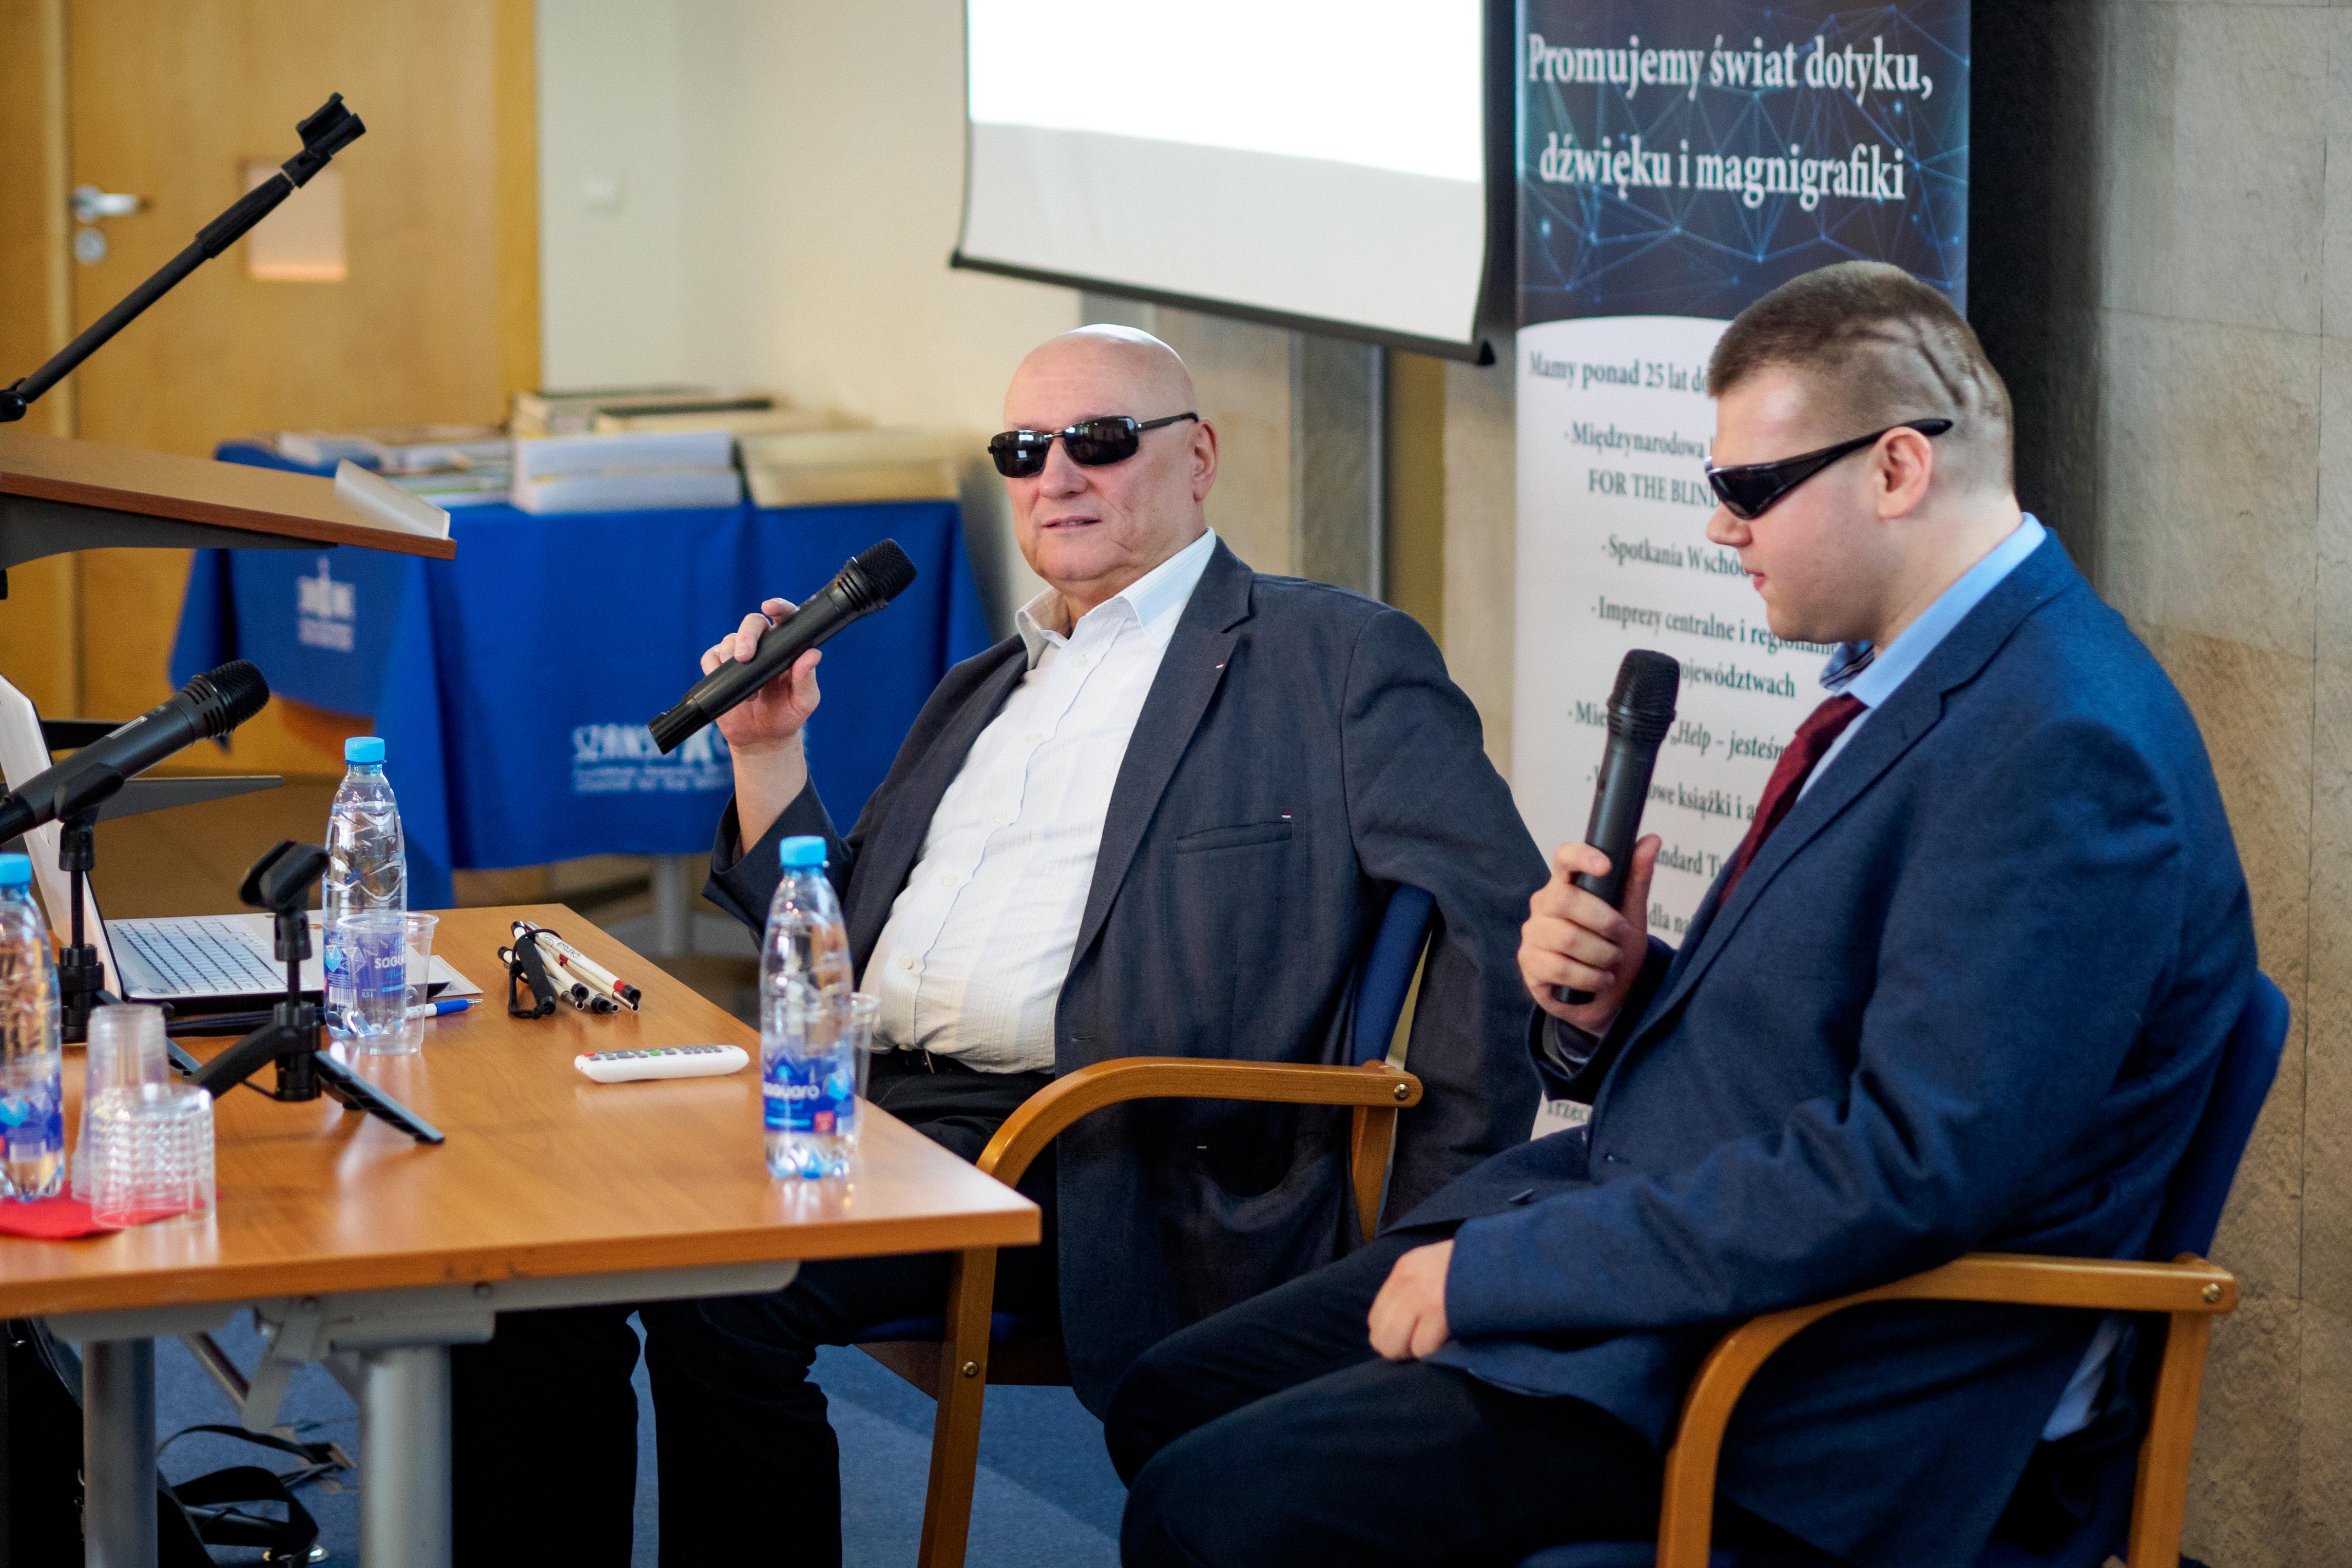 Dwóch niewidomych mężczyzn przy stole. Jednym z nich jest Pan Marek Kalbarczyk.